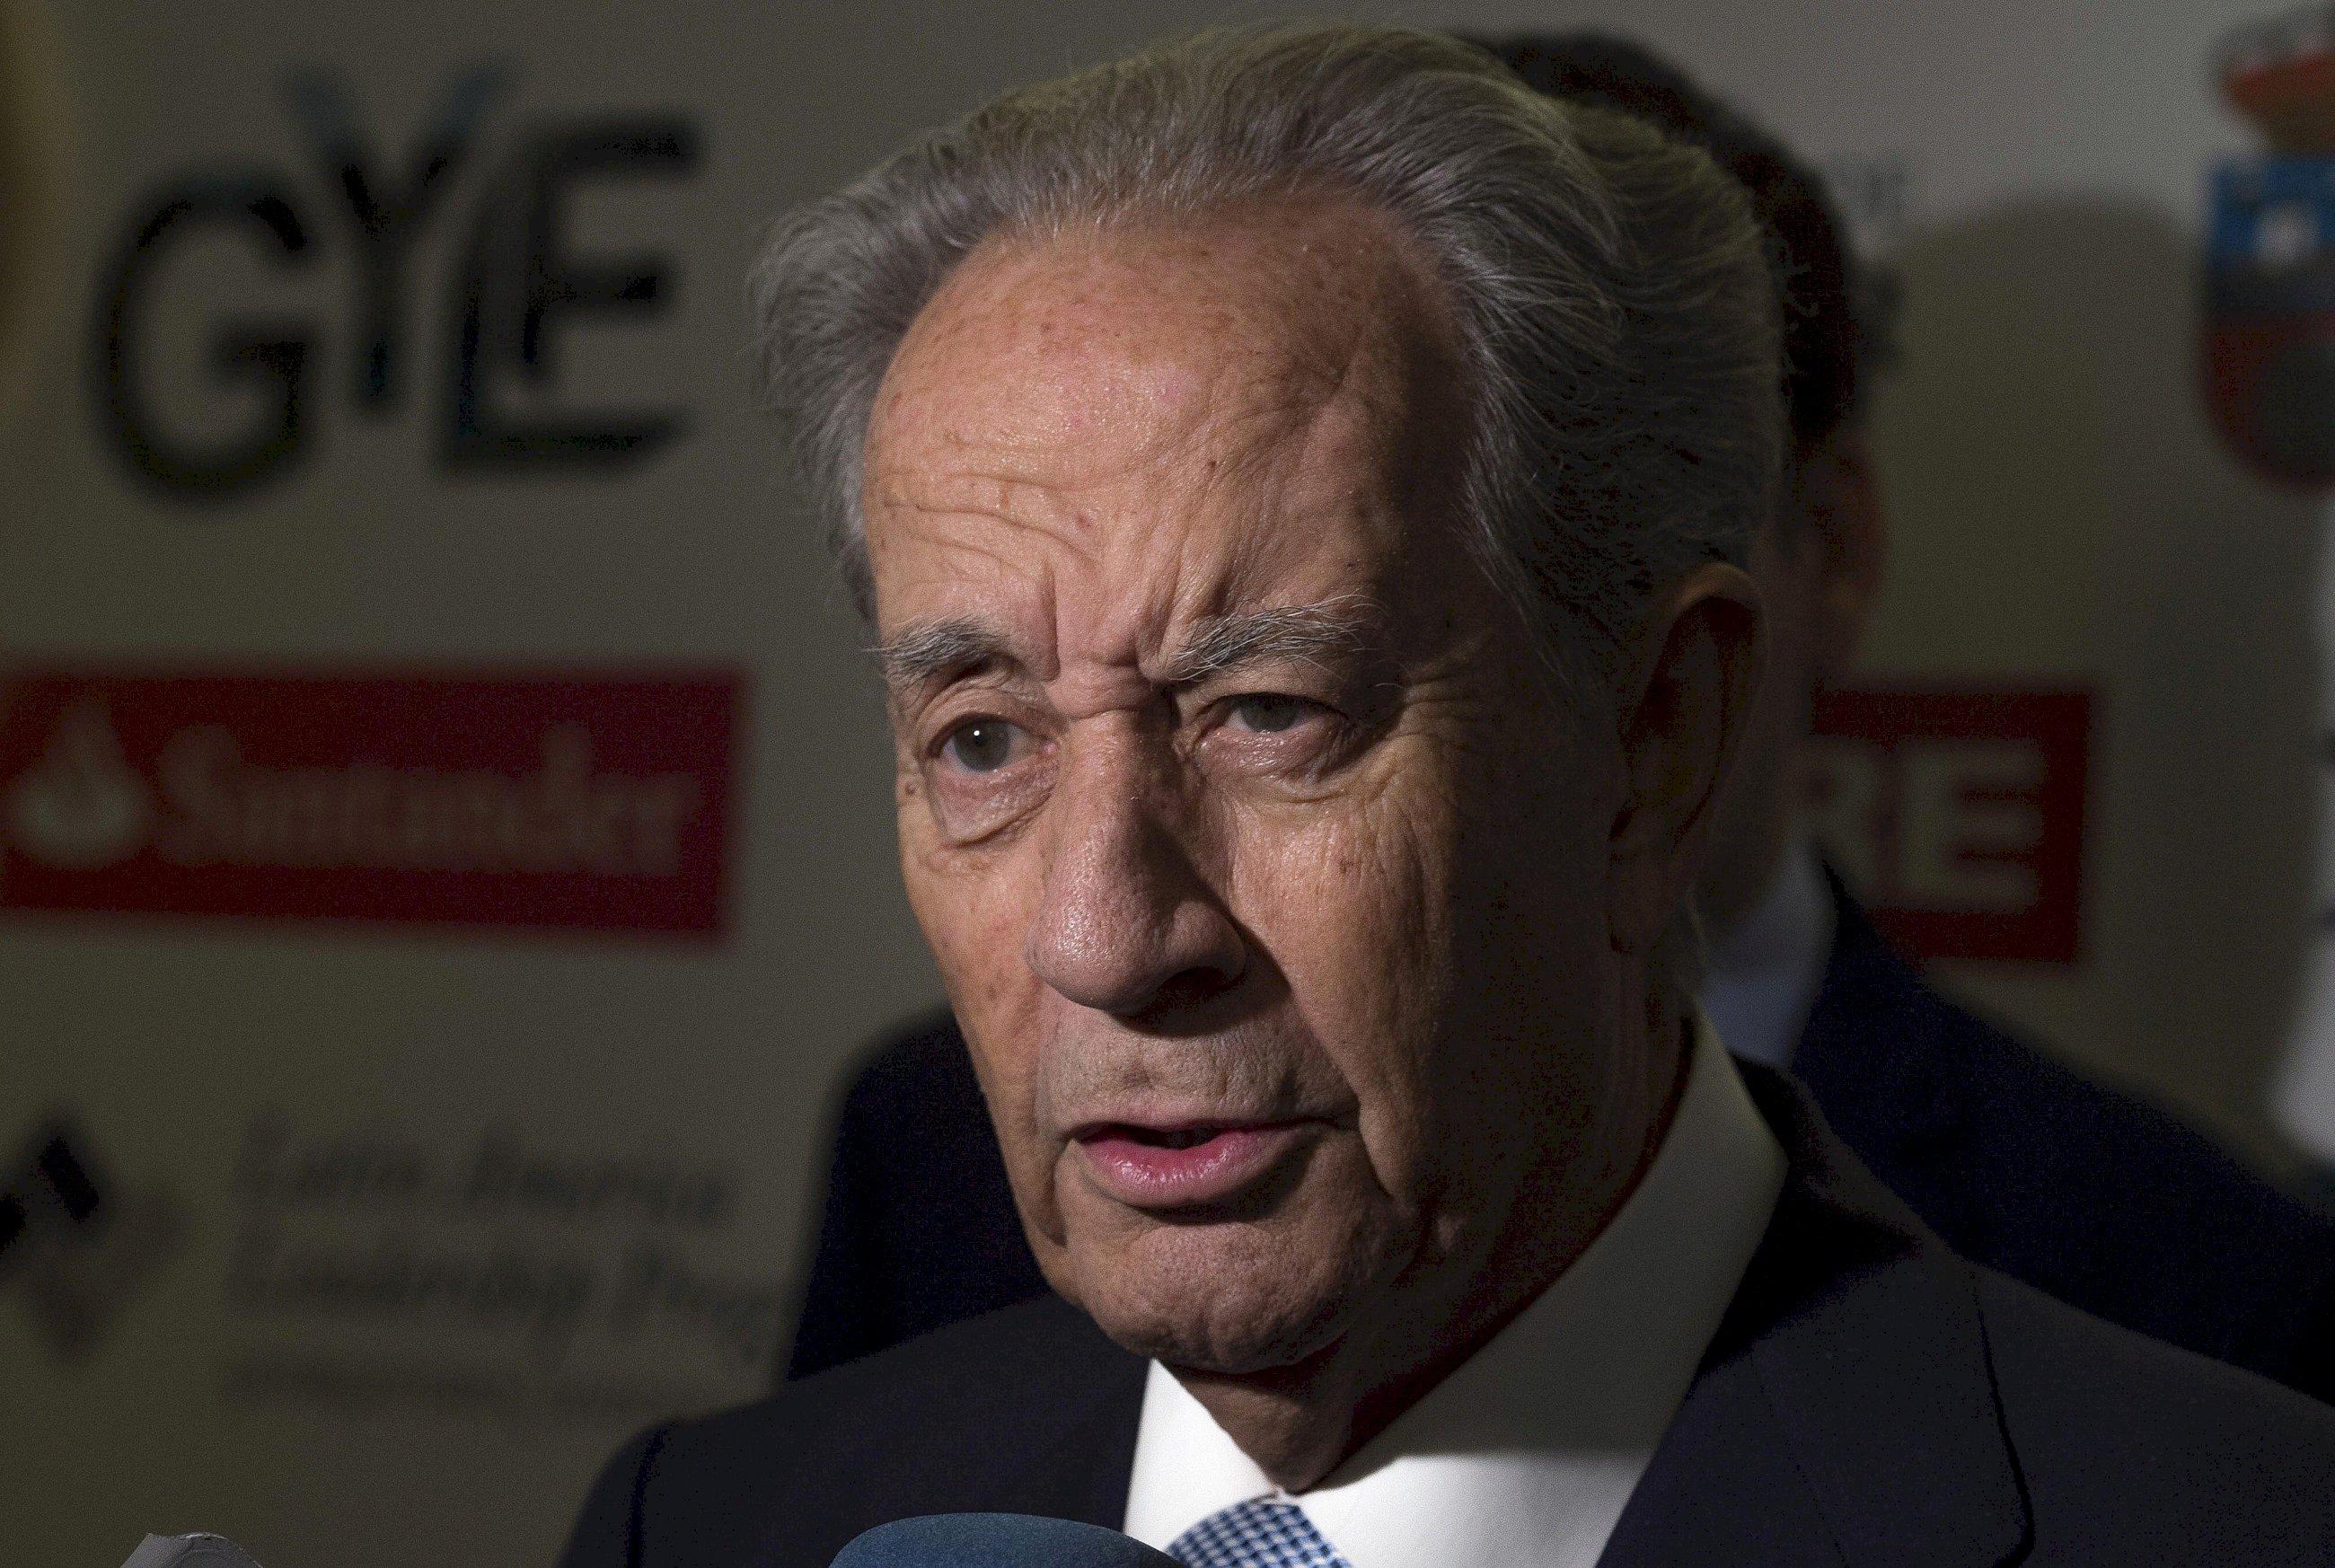 La retirada de Villar Mir: cede el control de OHL tras veinte años